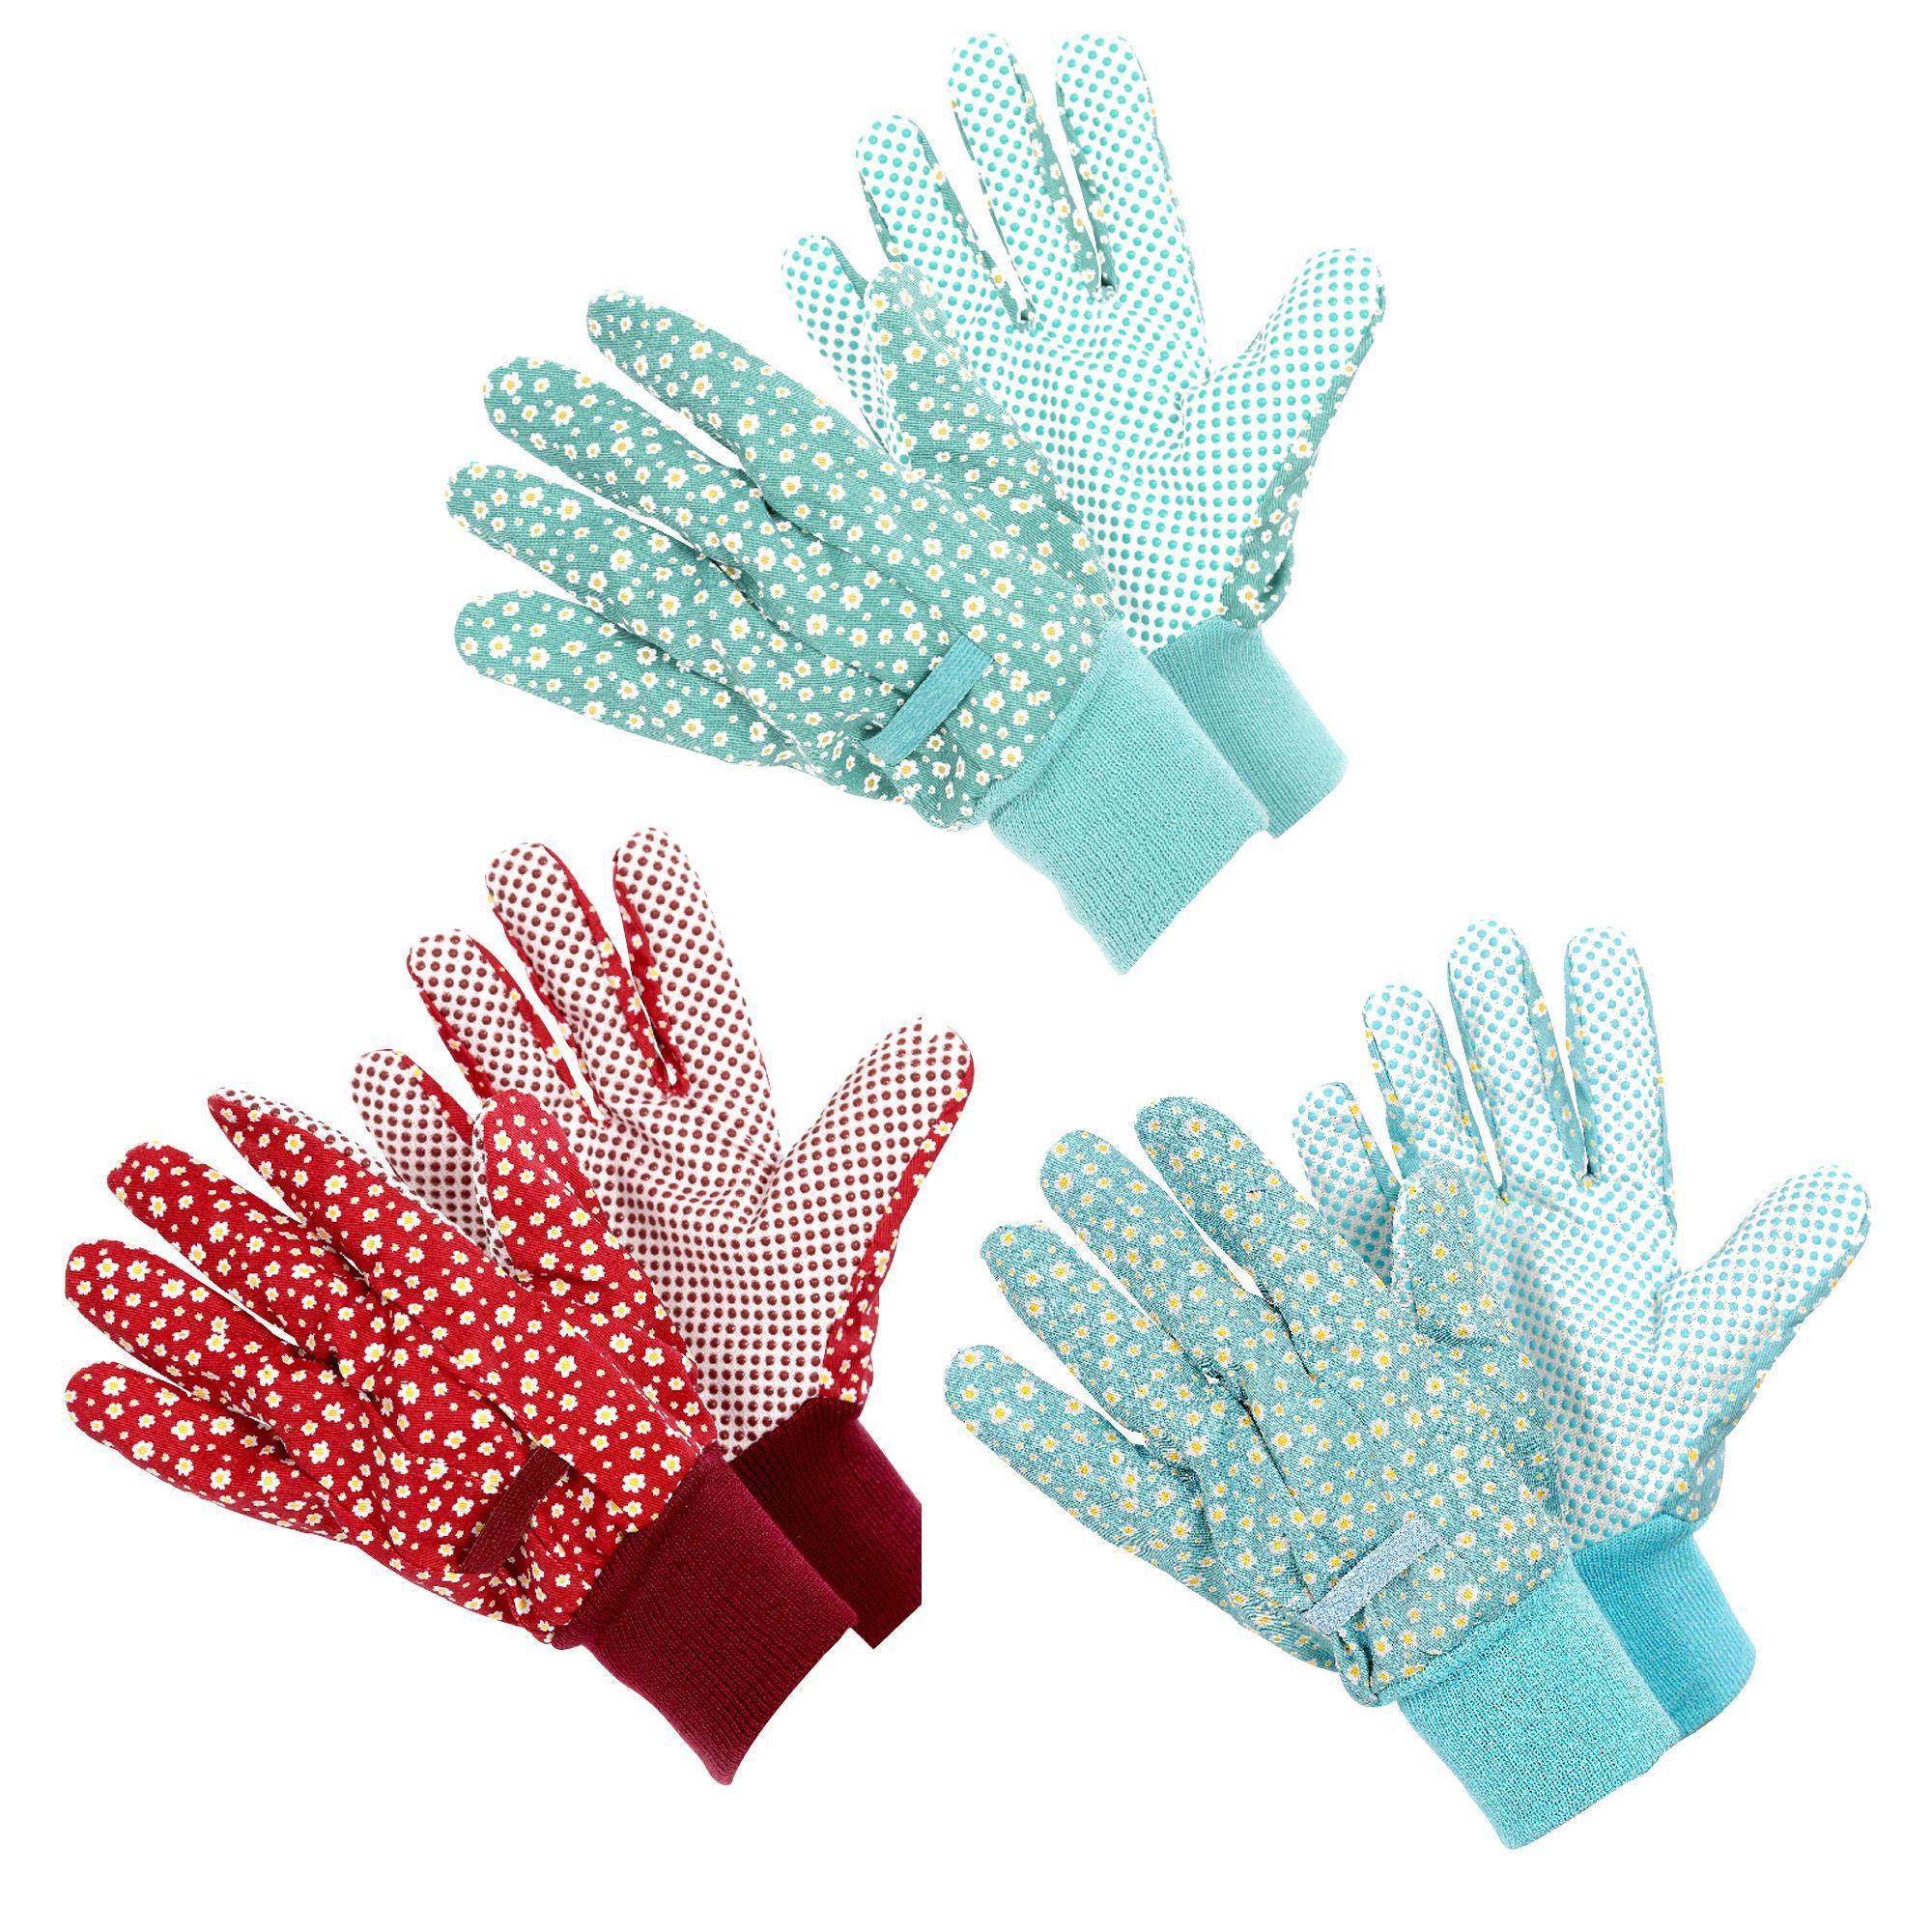 Verve Ladies Gloves, Pack Of 6